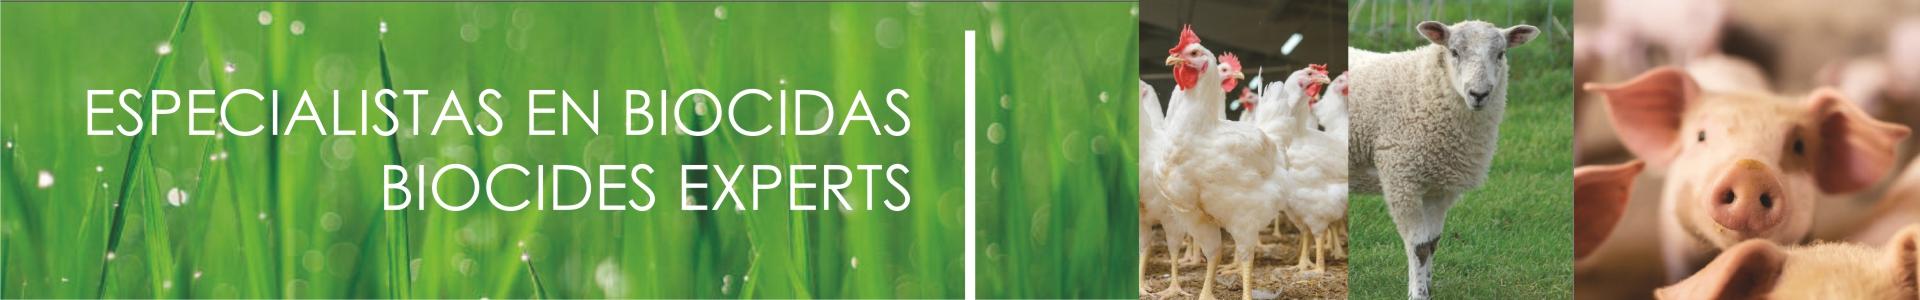 Biocidas agropecuarios